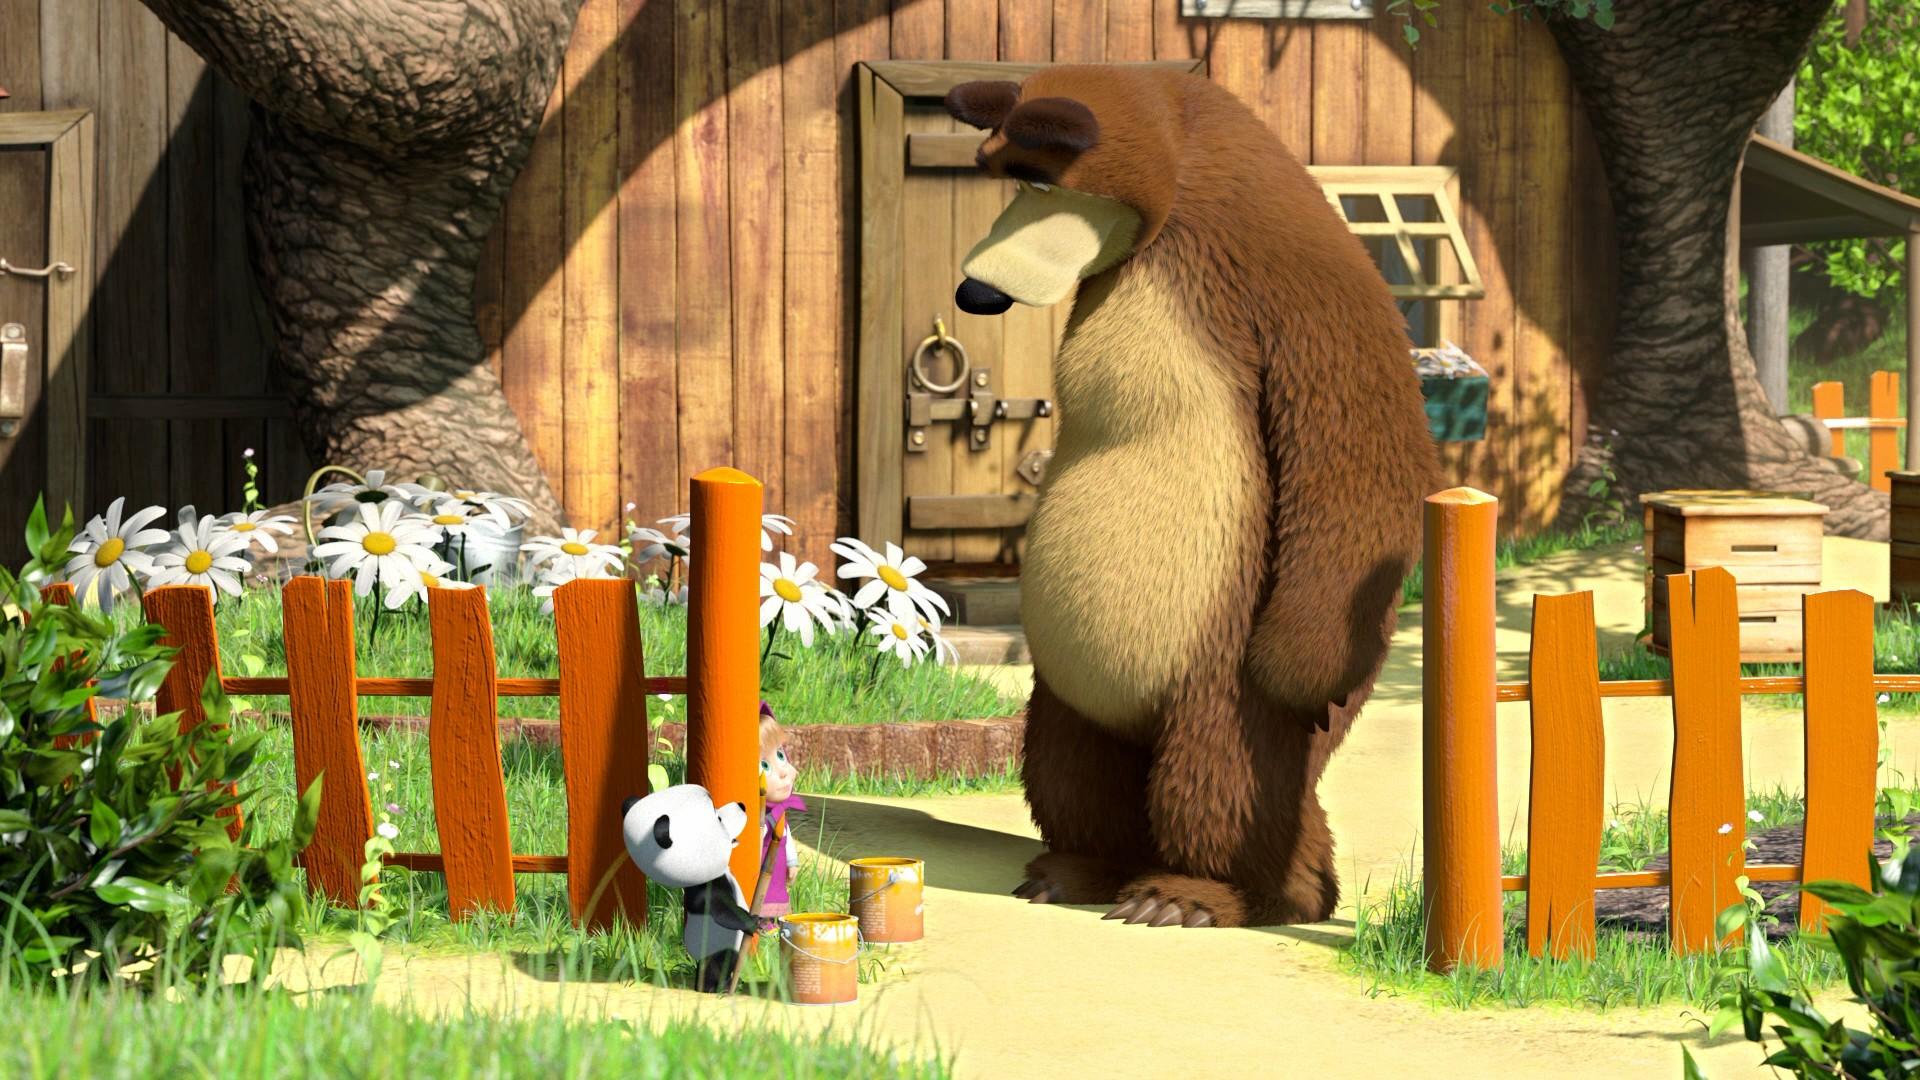 Маша и Медведь [01-69] + Машины Сказки [01-26] + Машкины страшилки [01-25] (2009-2018) BDRip 1080p, WEB-DL 1080p